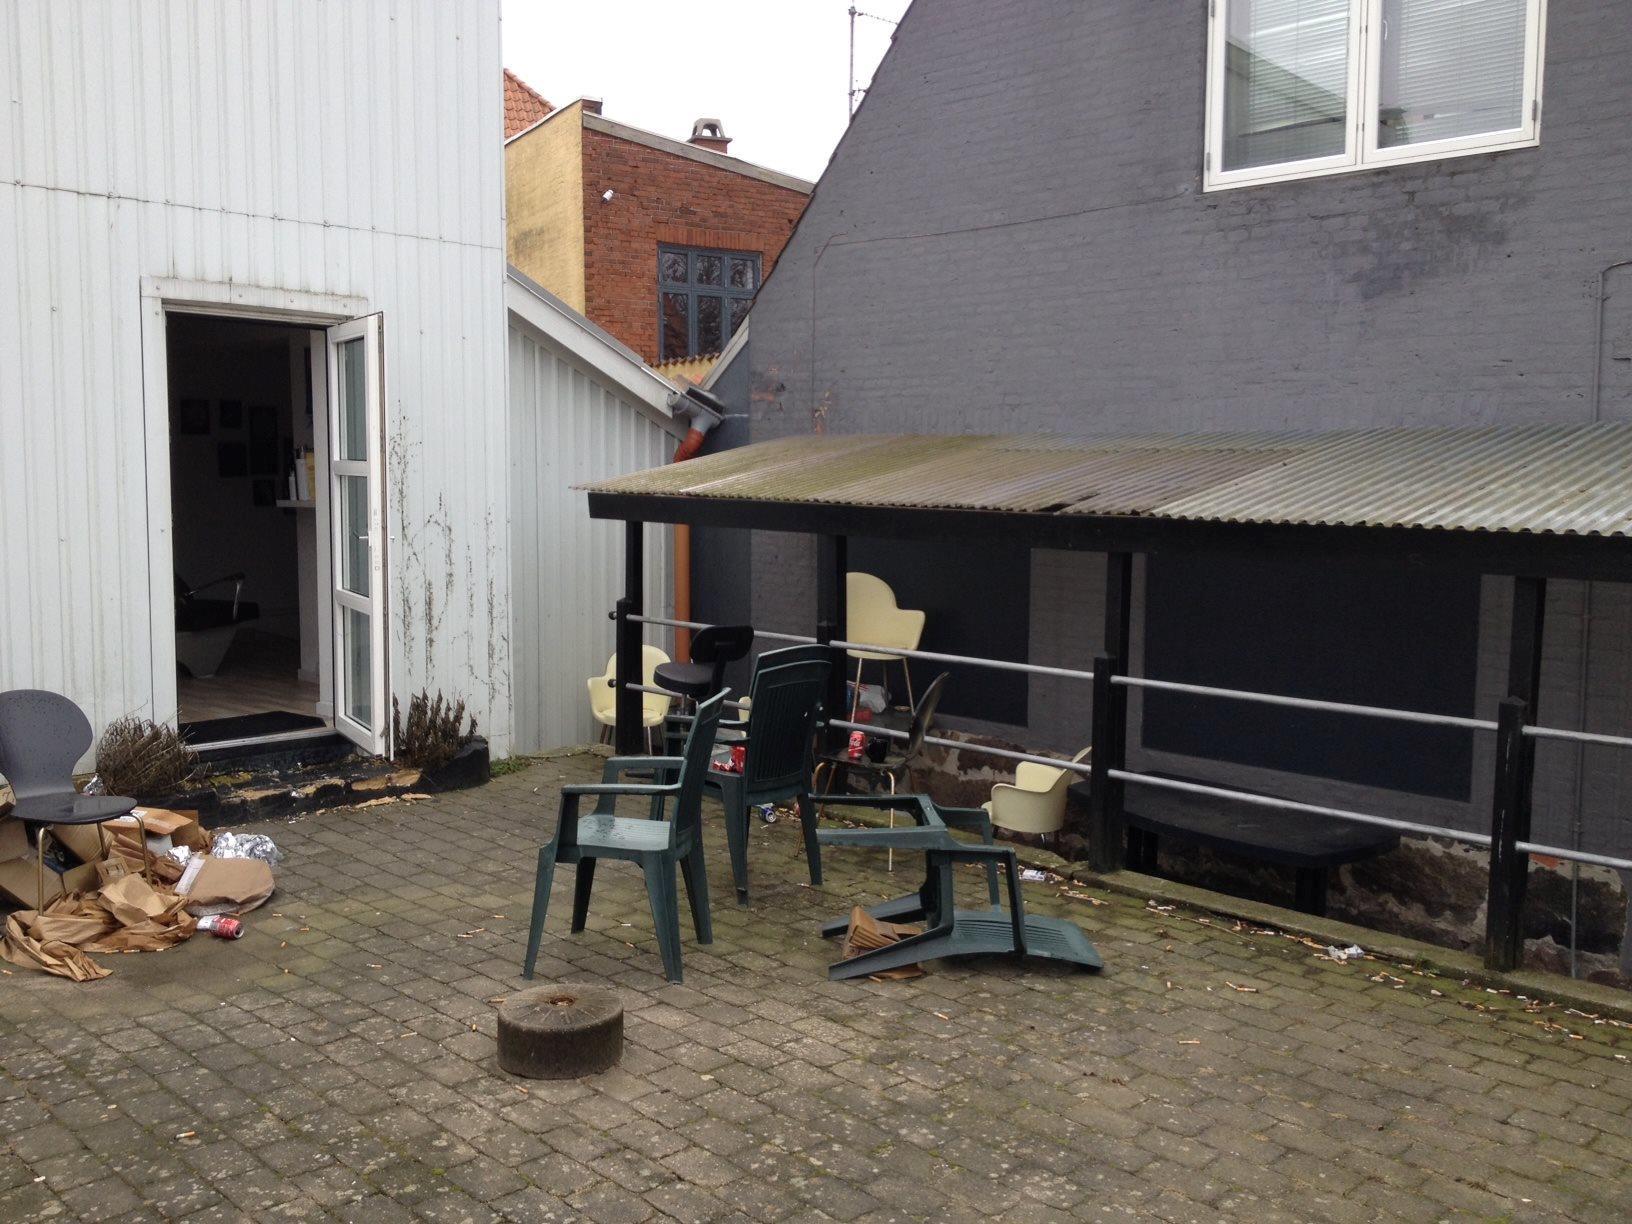 Bolig/erhverv på Rønhavegade i Sønderborg - Baggård